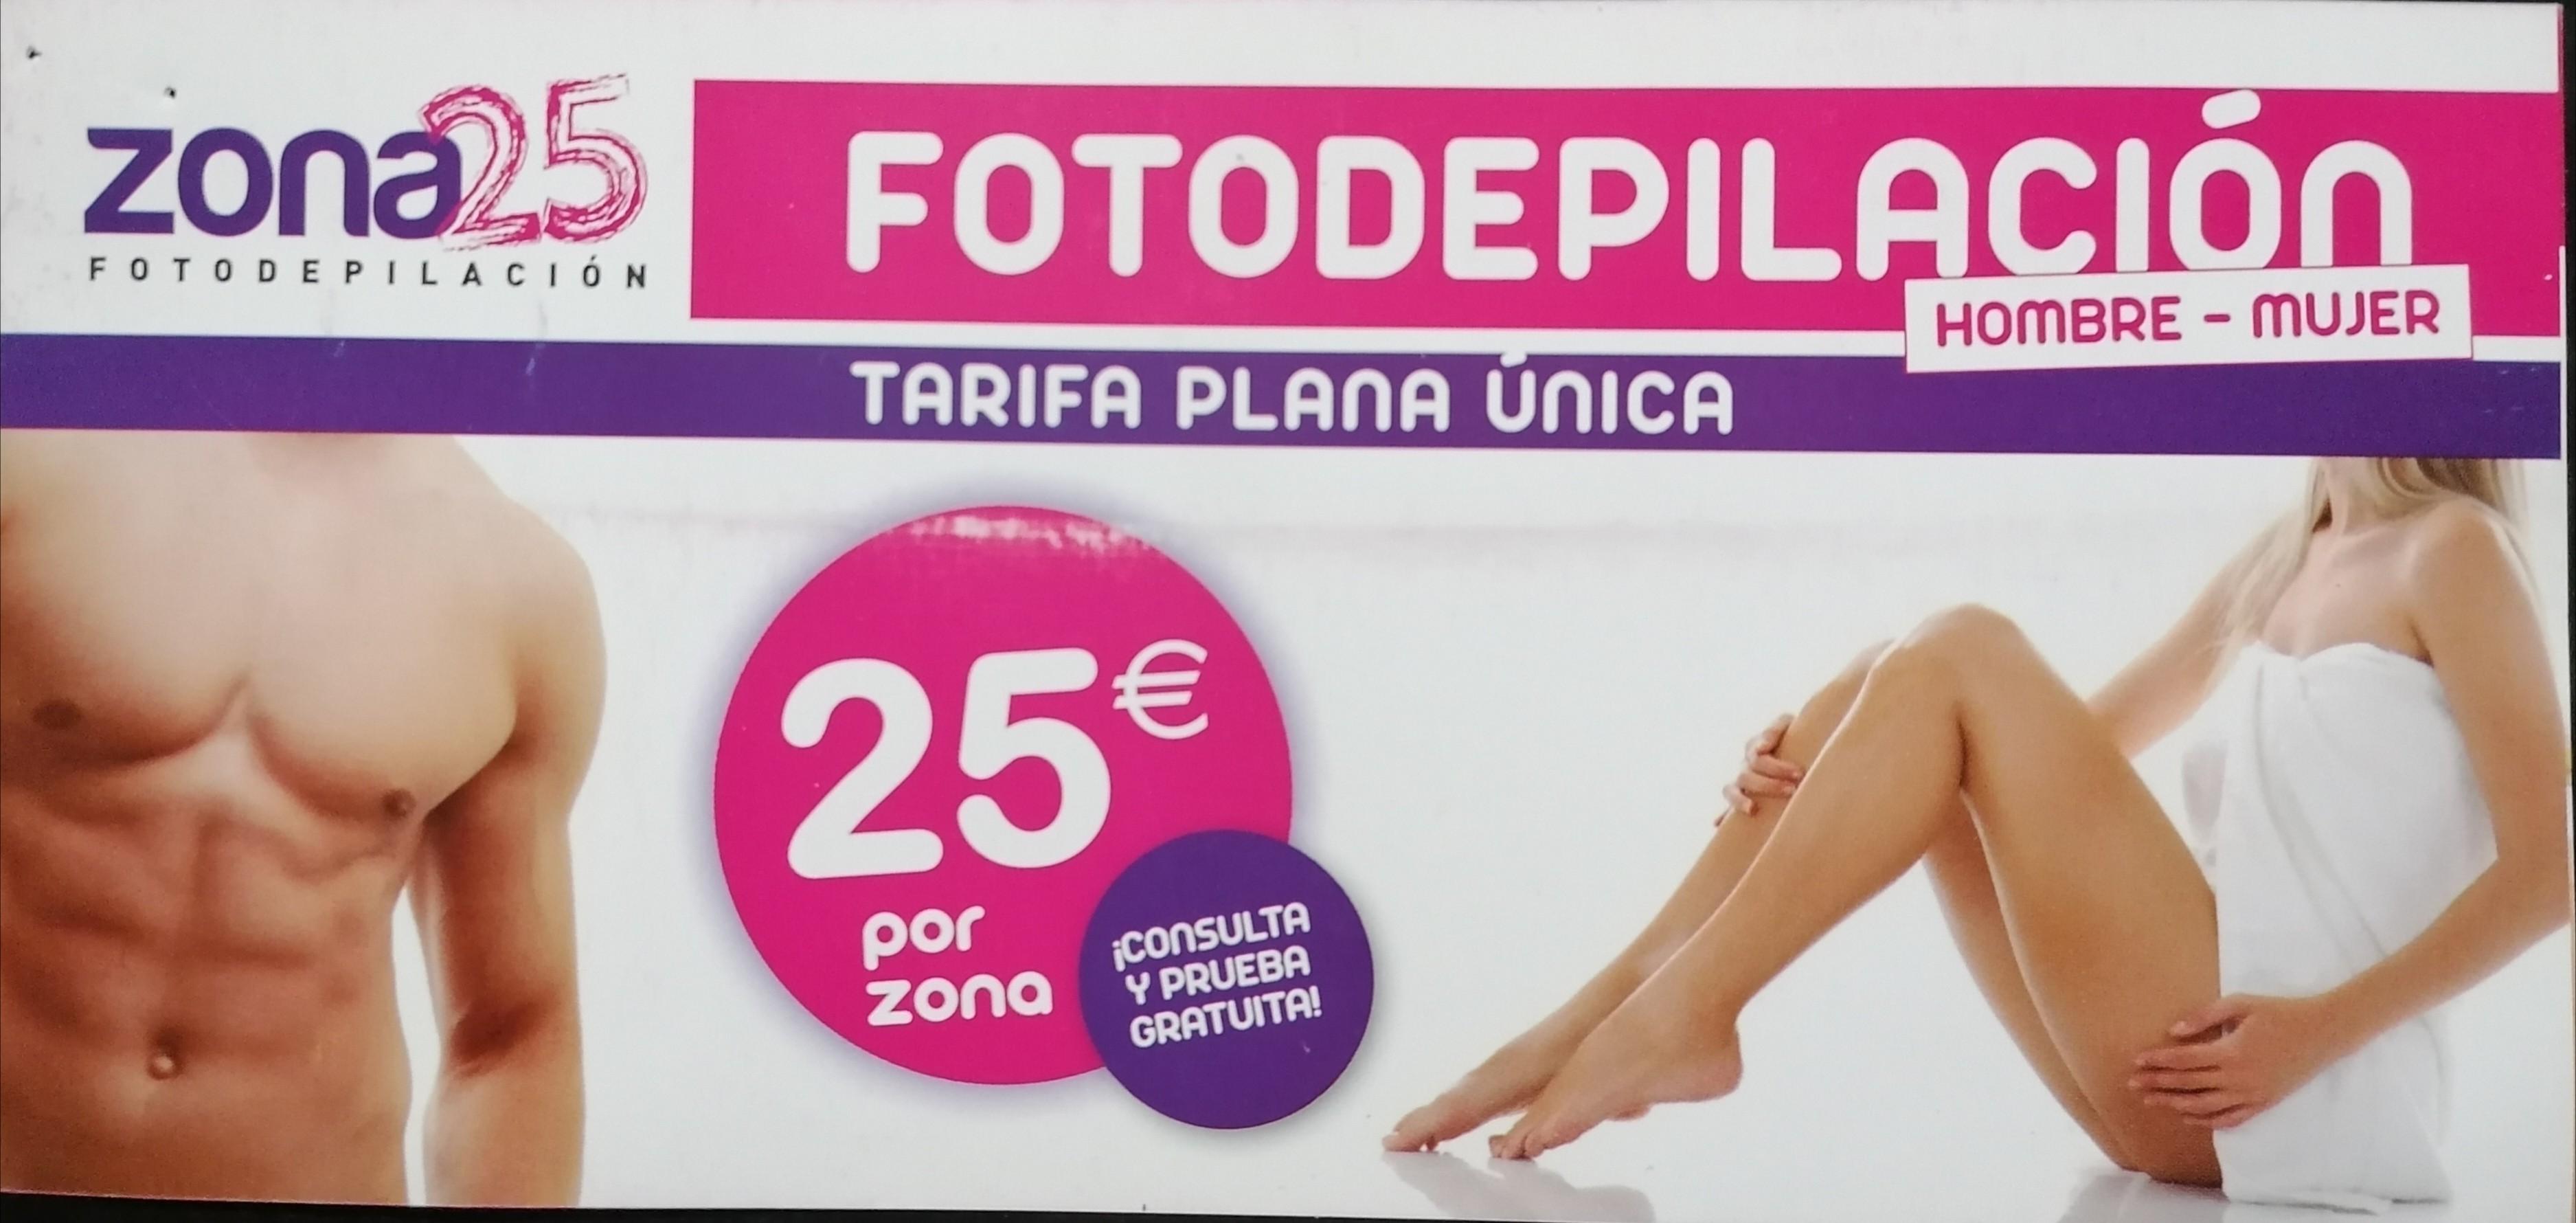 FOTODEPILACION 20 DE SEPTIEMBRE